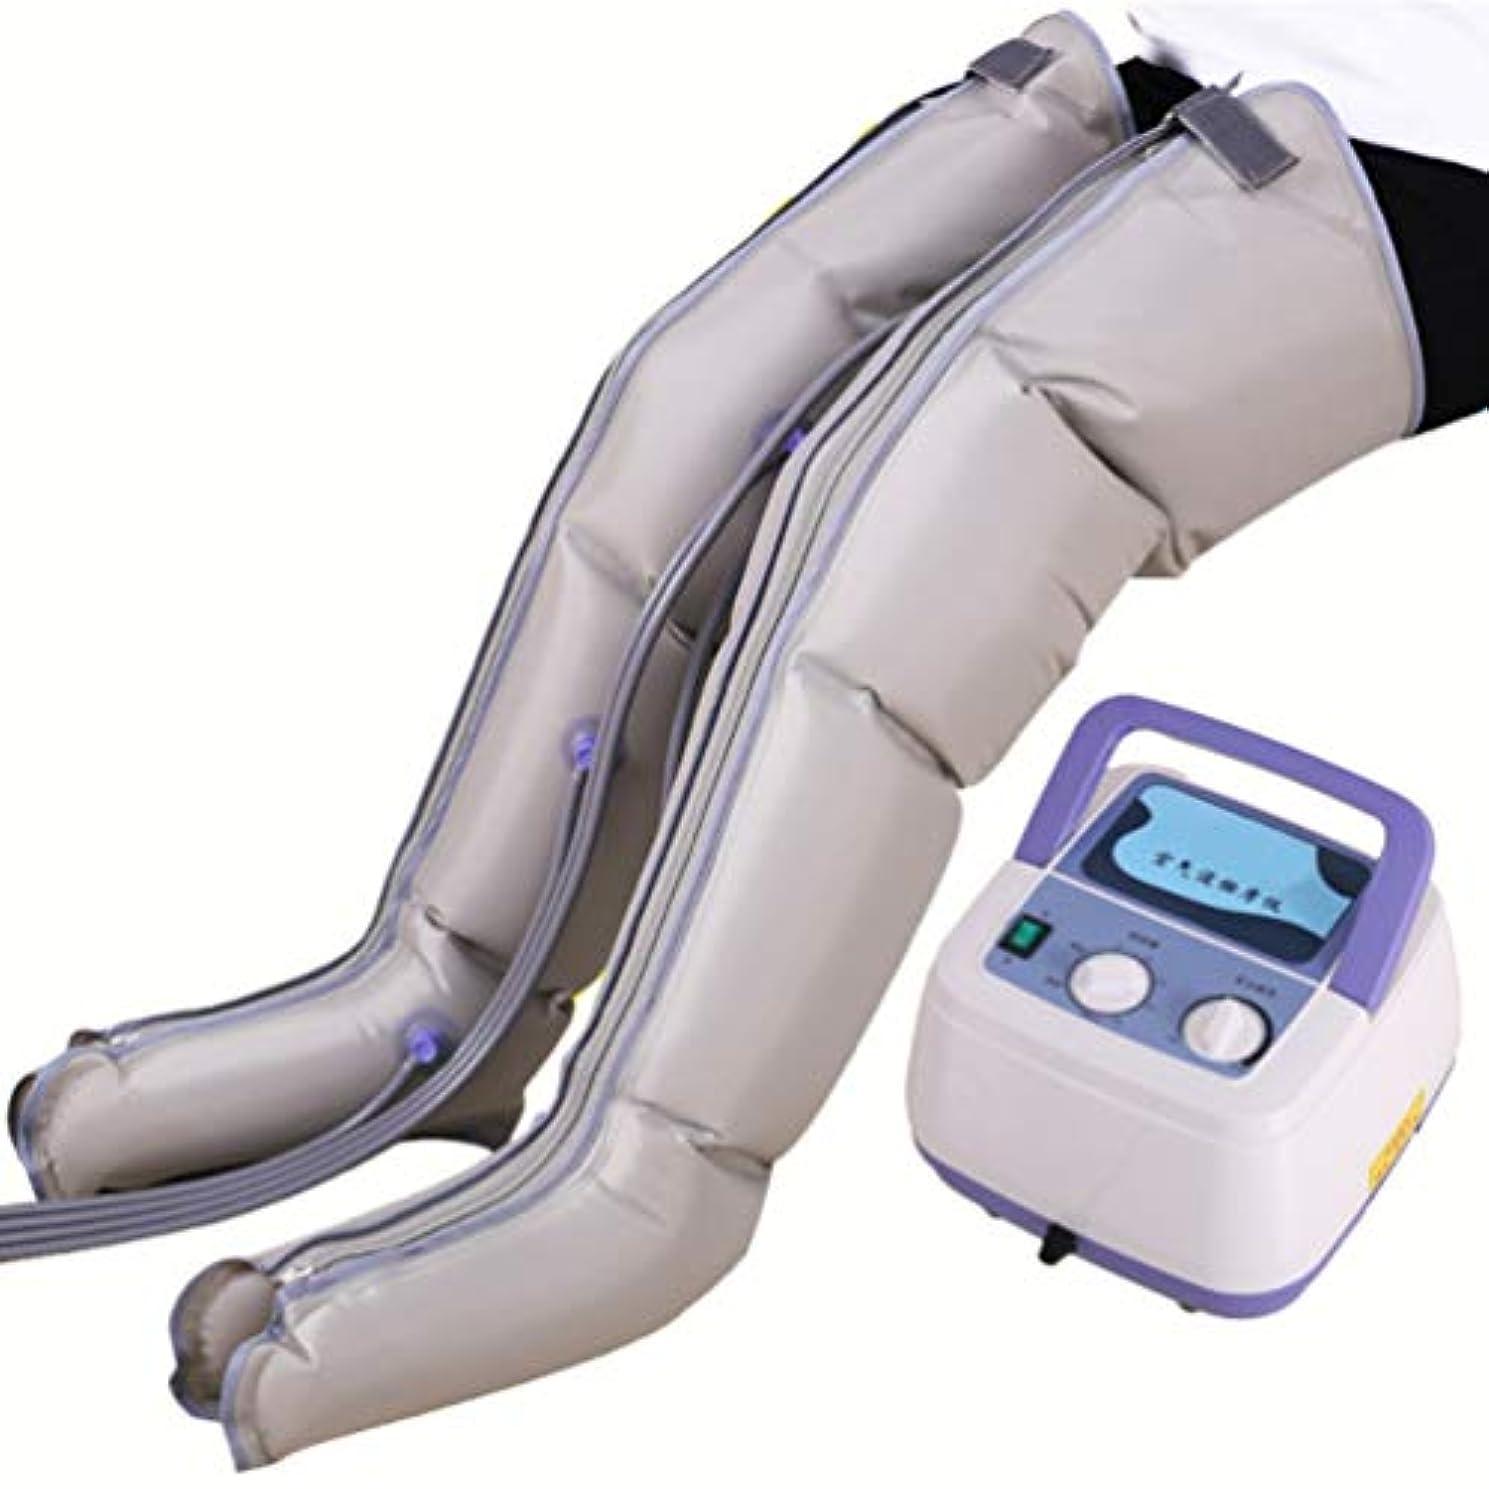 ナイトスポットがんばり続けるプレゼント空気圧縮の足のマッサージャー4つのキャビティ足およびフィートの筋肉循環のマッサージ療法のために任意6つのキャビティは膨潤および浮腫の苦痛を助けます,sixCavity